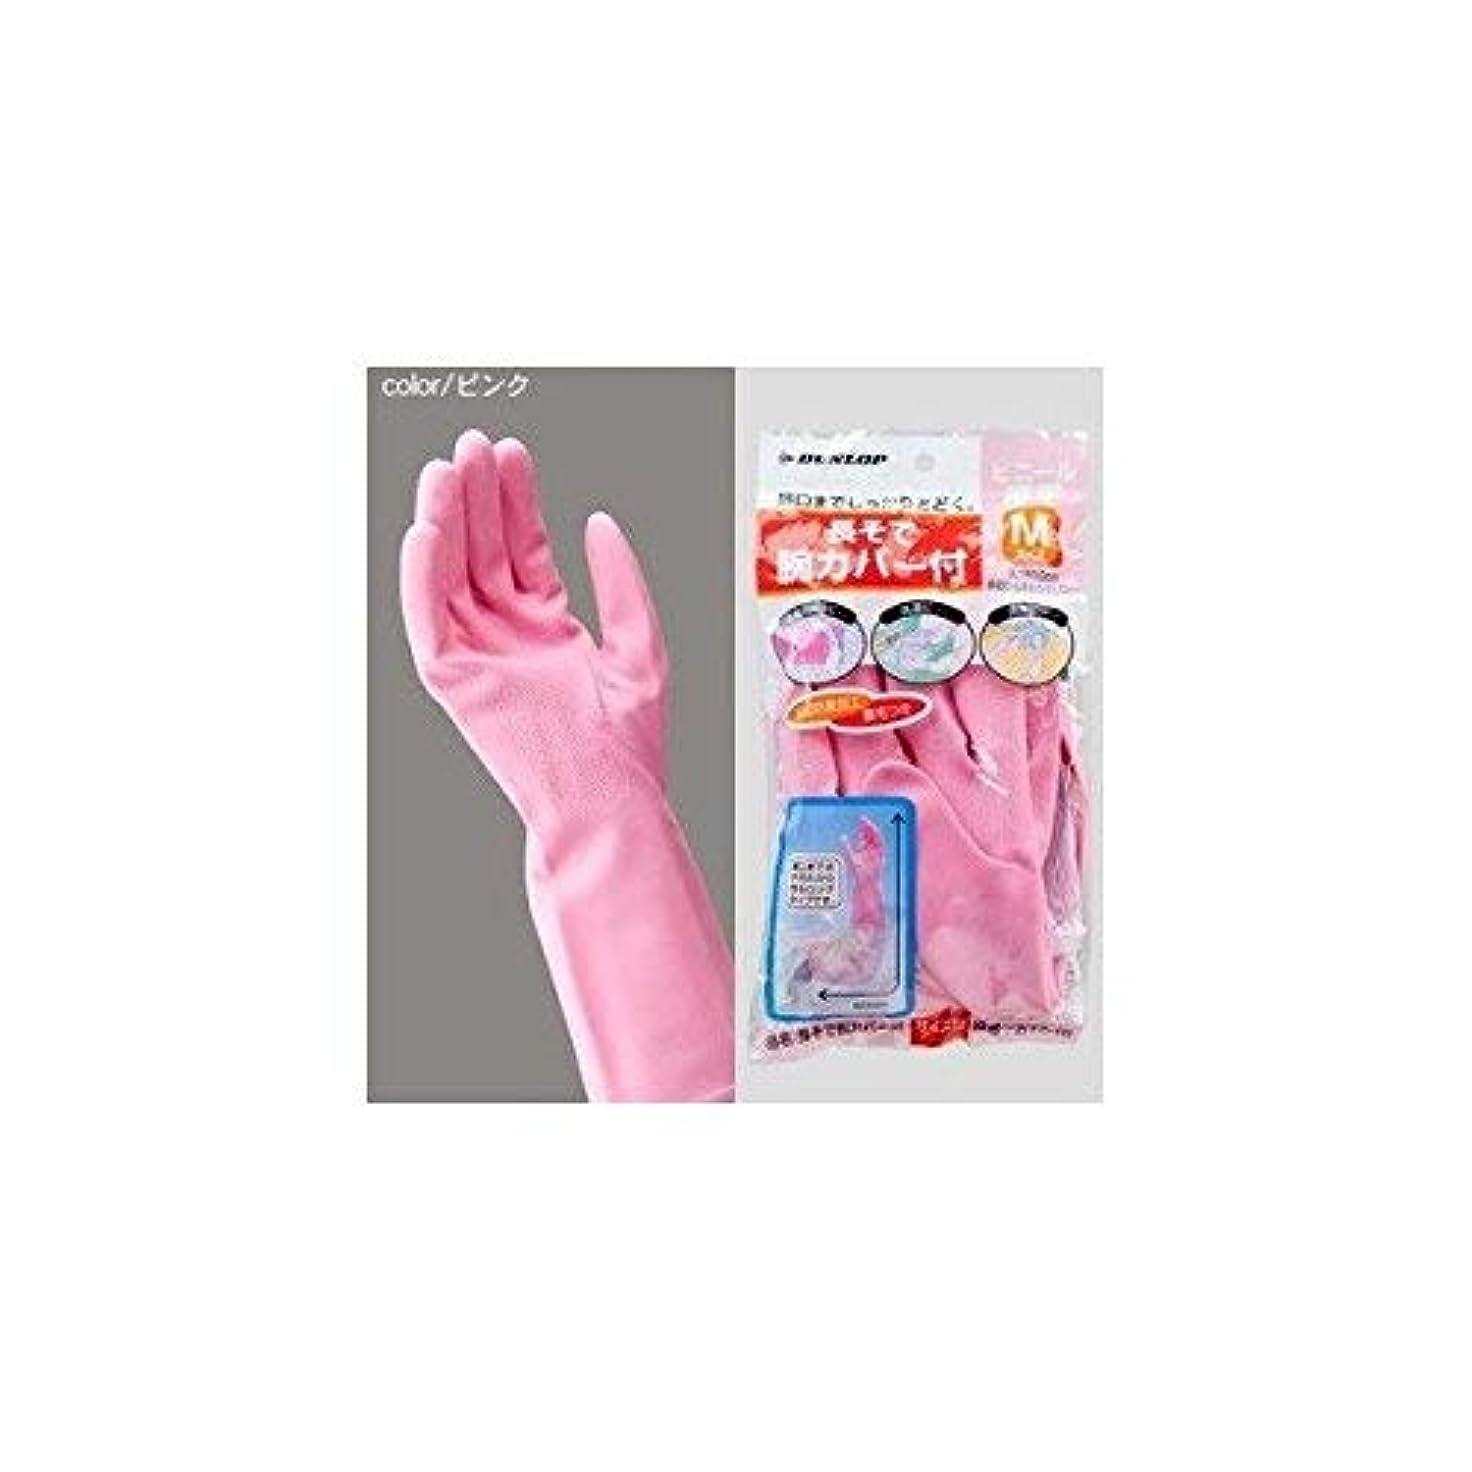 少し優雅毒ダンロップ ビニール手袋 厚手腕カバー付 M ピンク ×30個